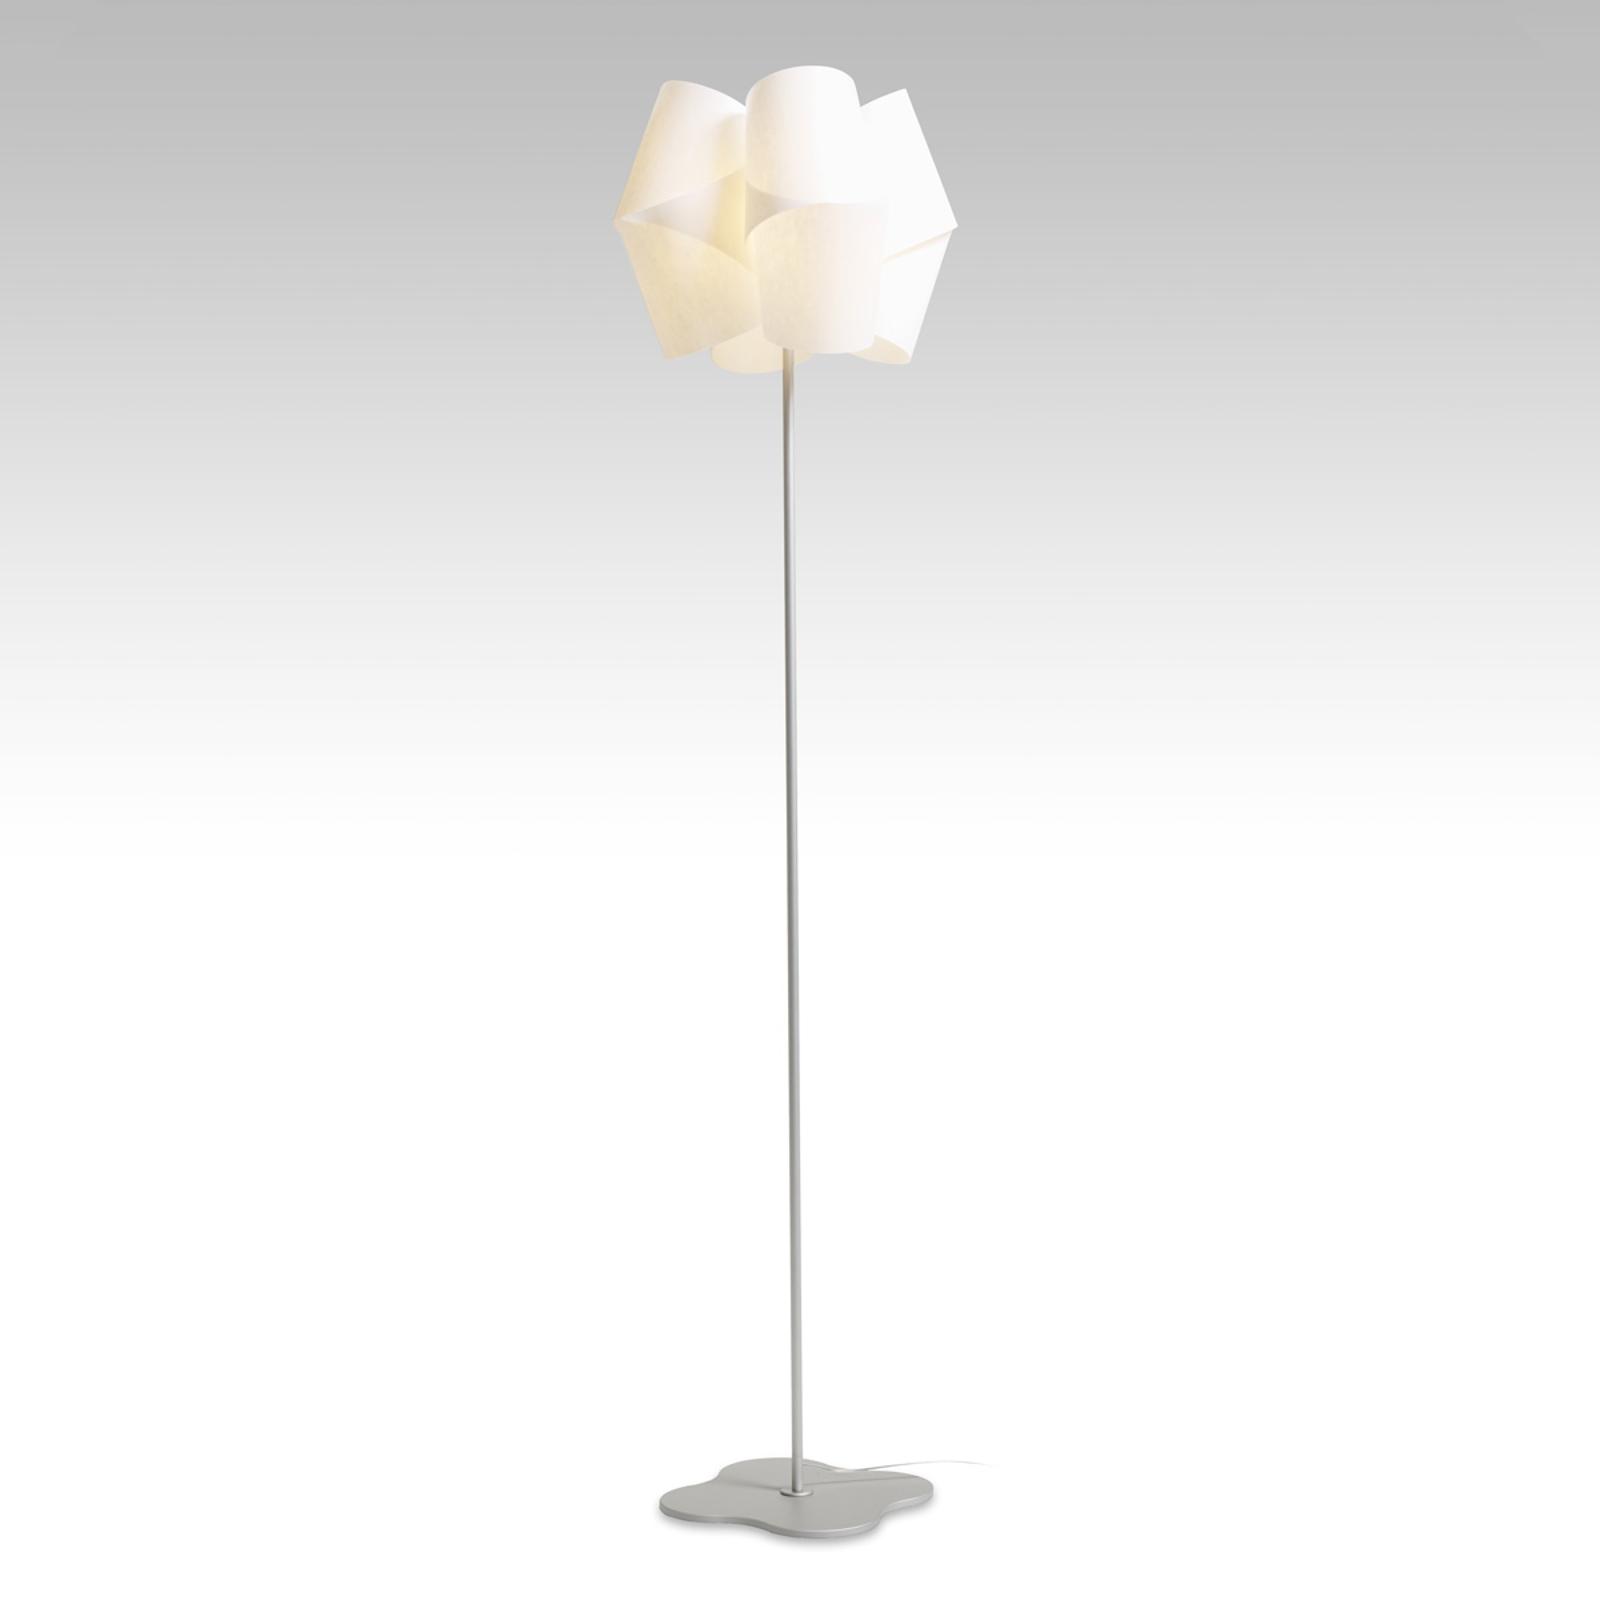 Lampadaire Julii avec pied en aluminium